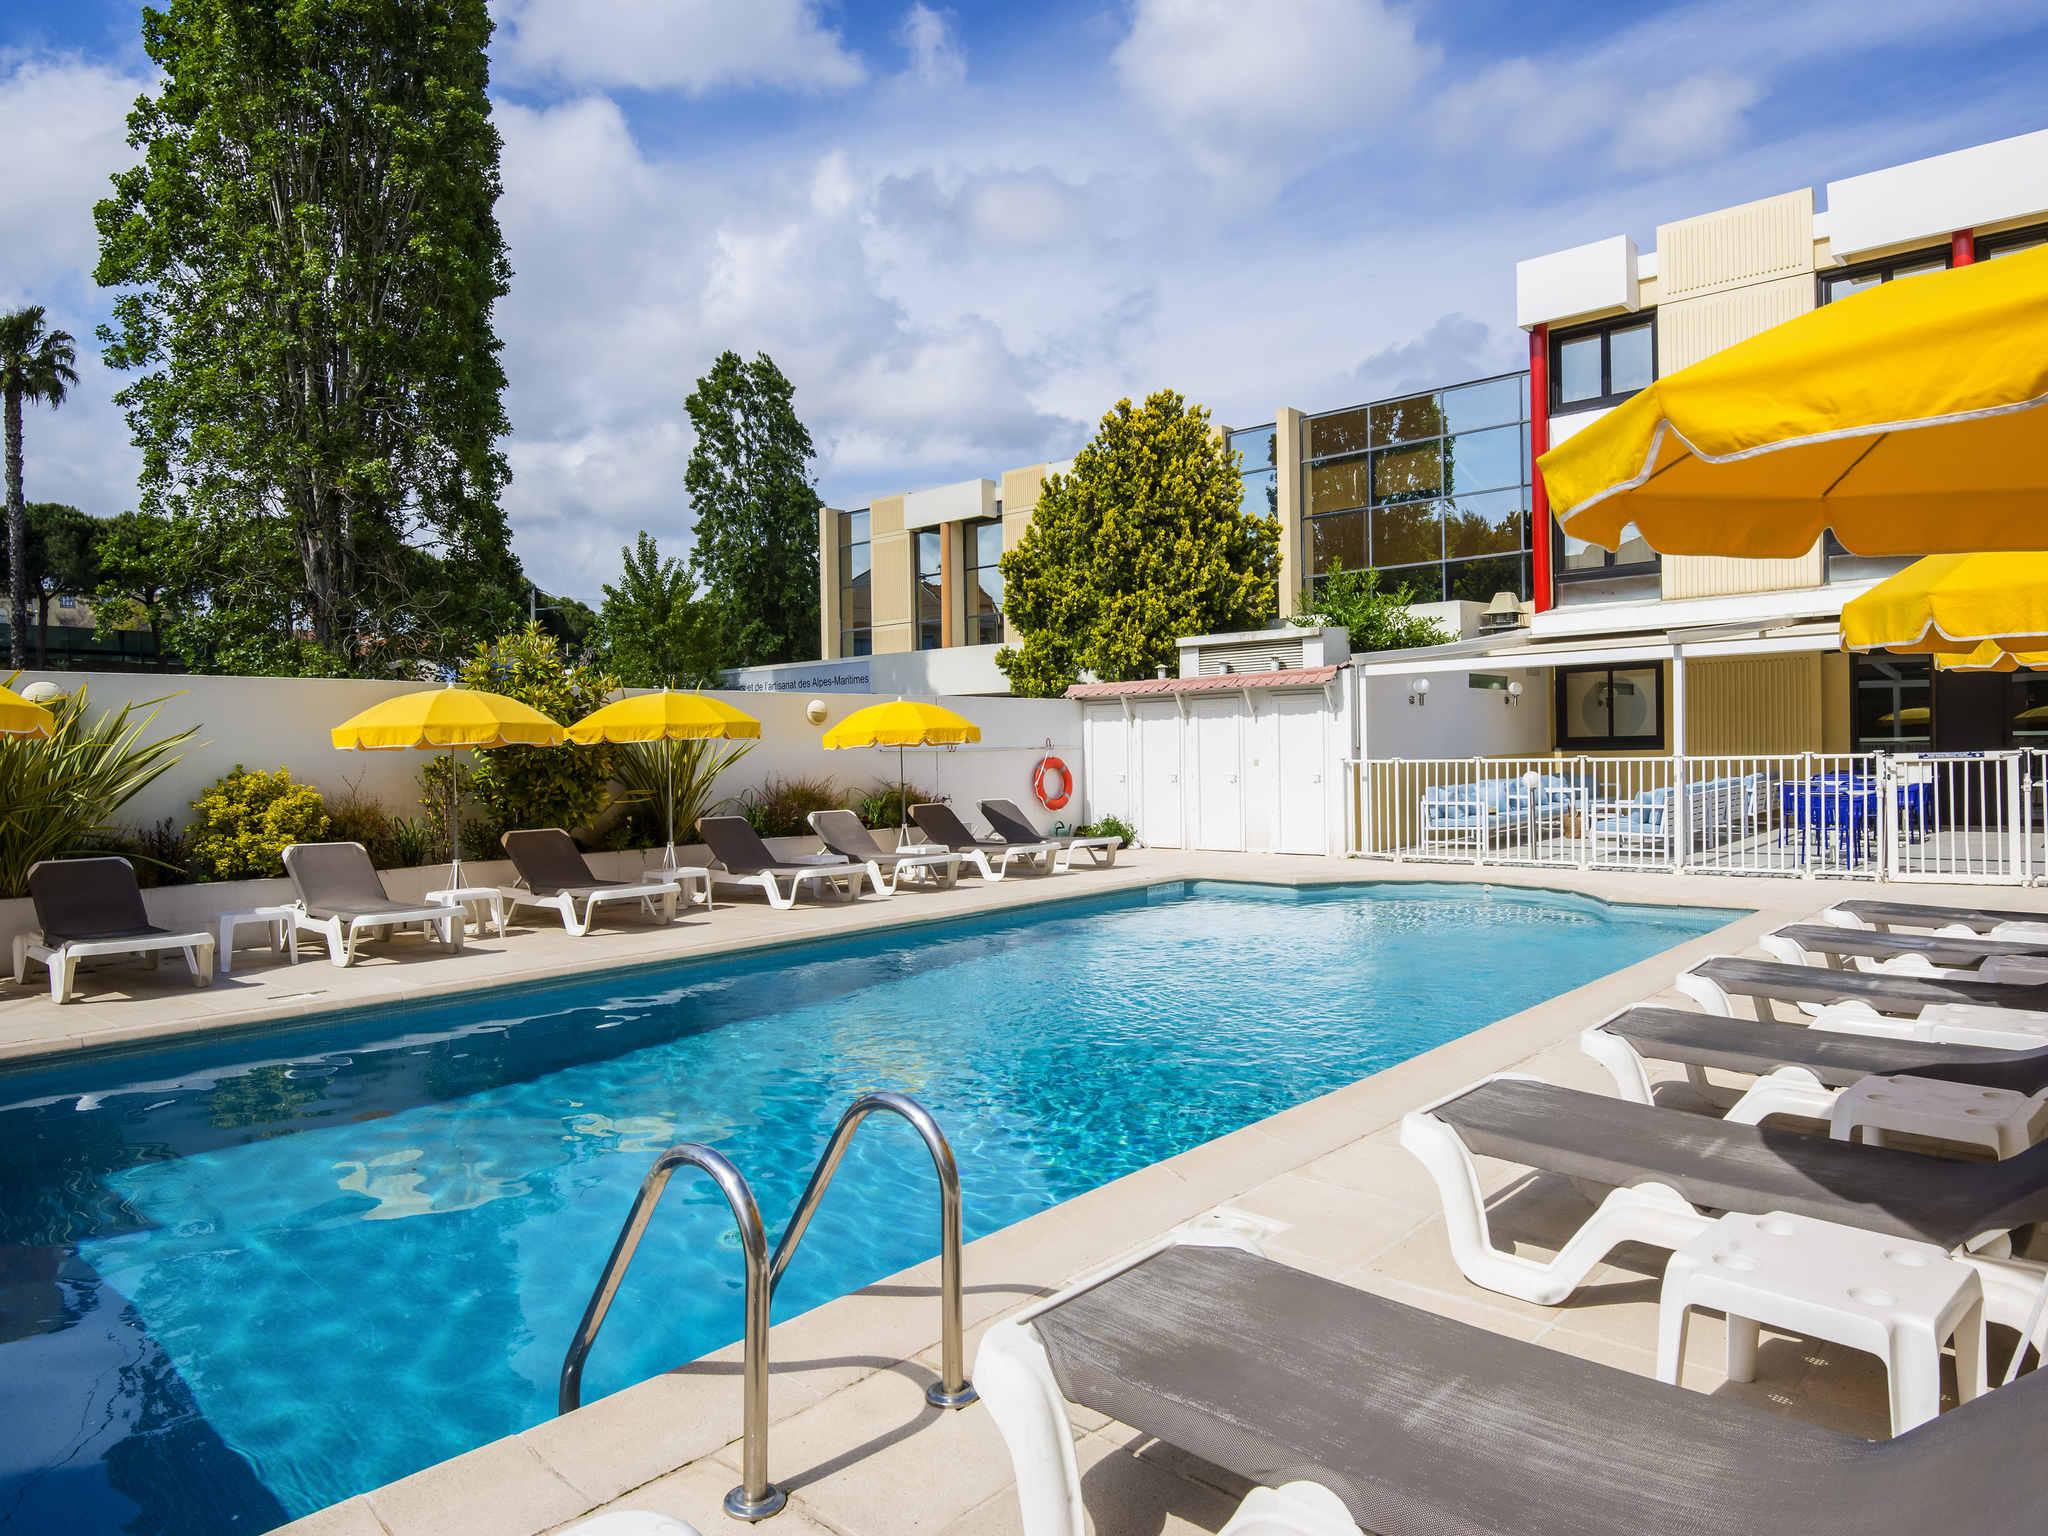 Hotel – HOTEL MERCURE NICE CAP 3000 (wordt ibis Styles)